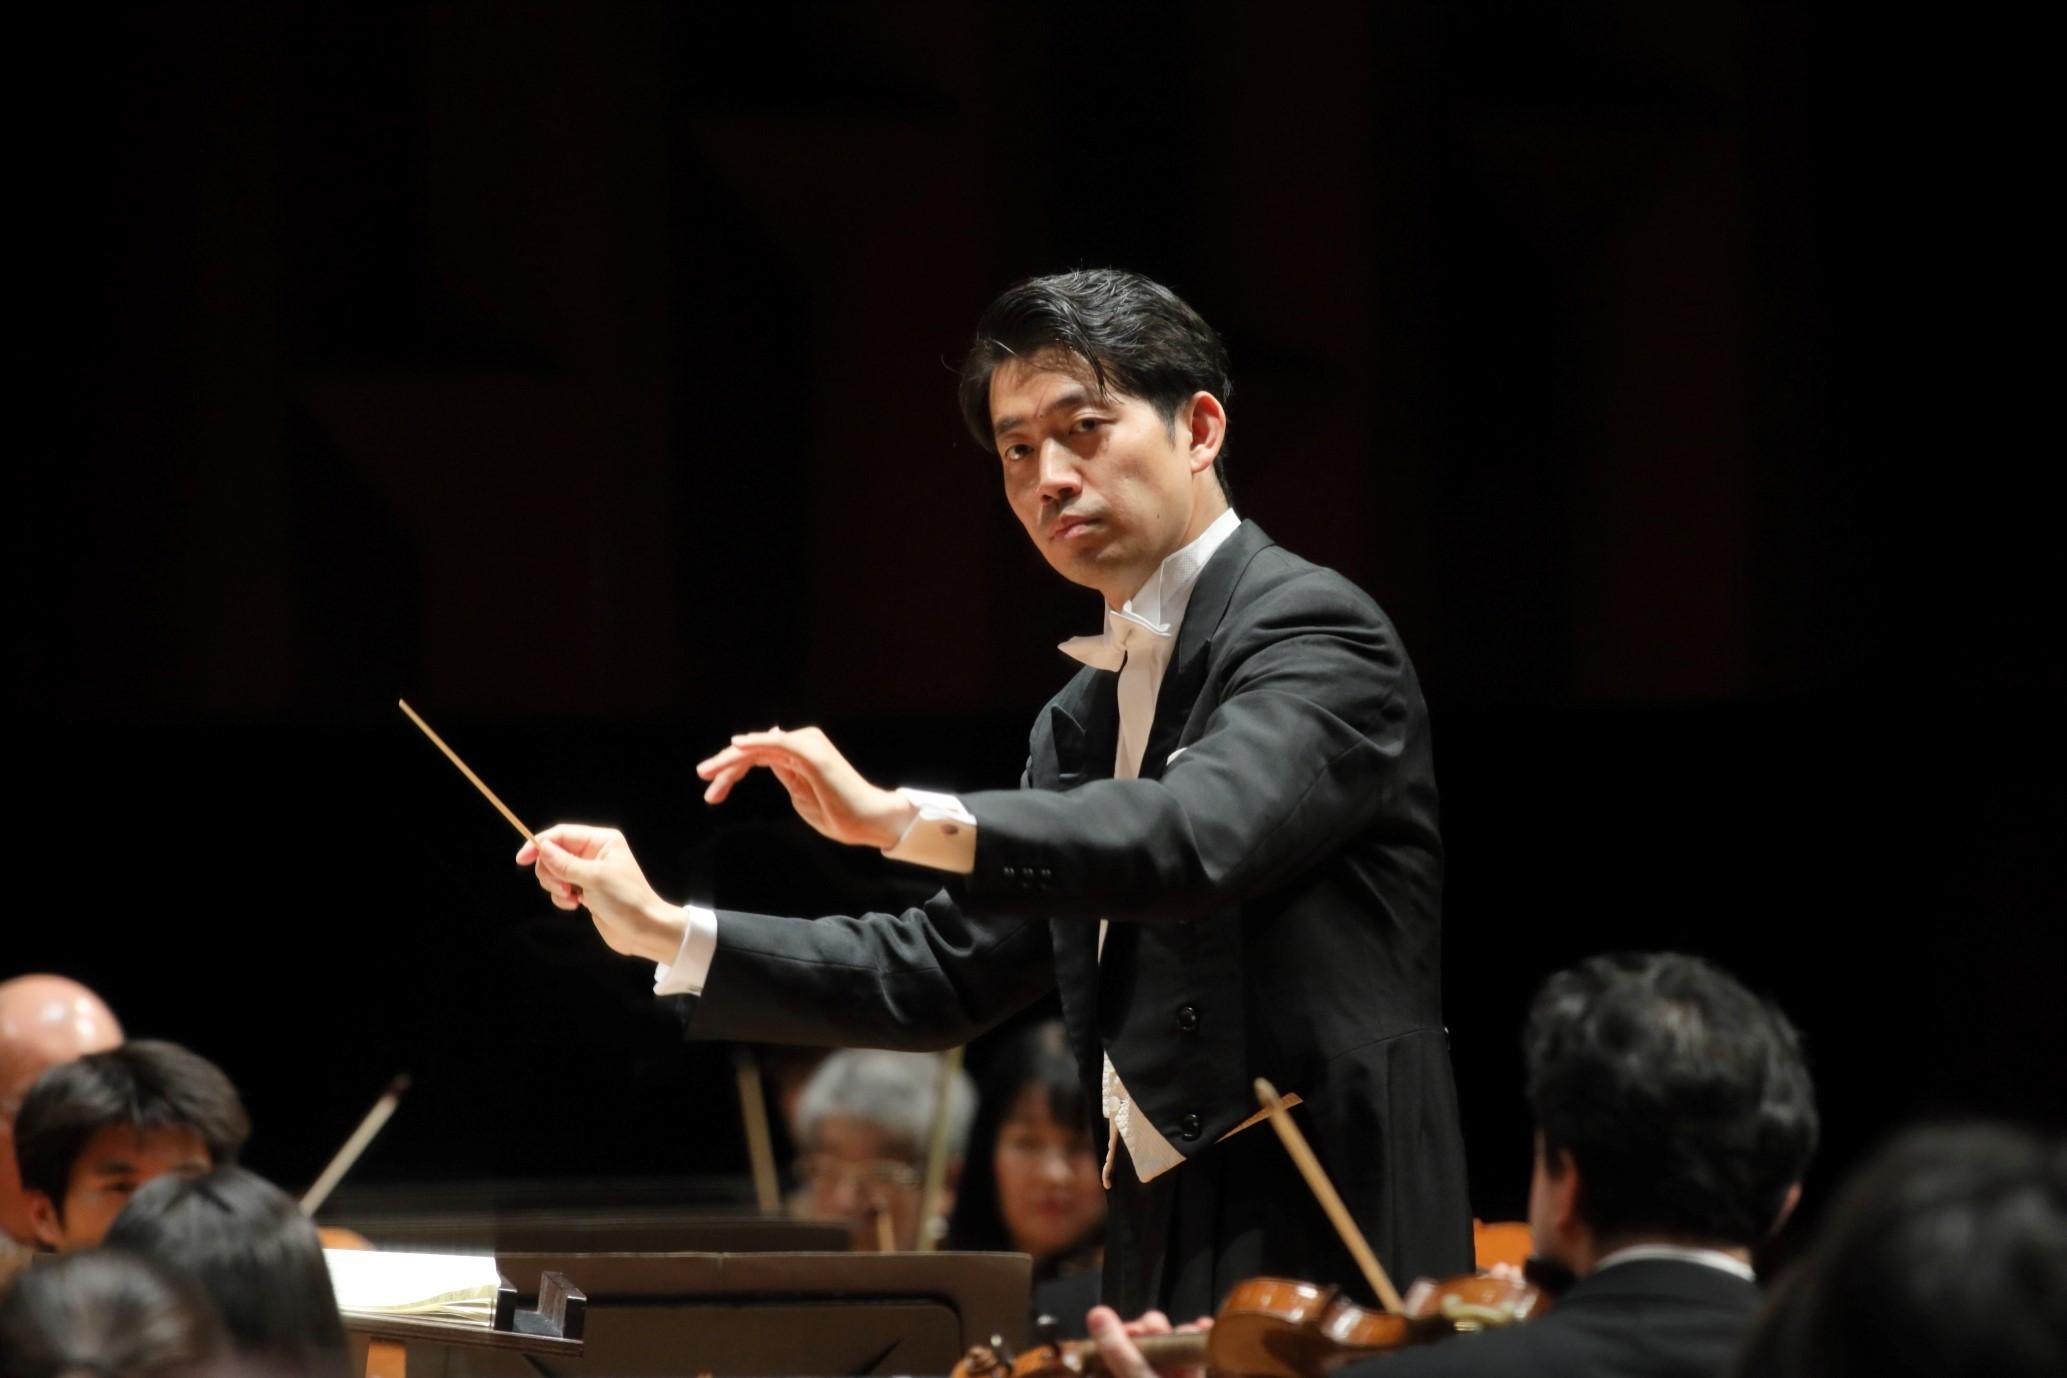 2021年3月で大阪フィル指揮者のポジションを離れる角田鋼亮     (C)飯島隆